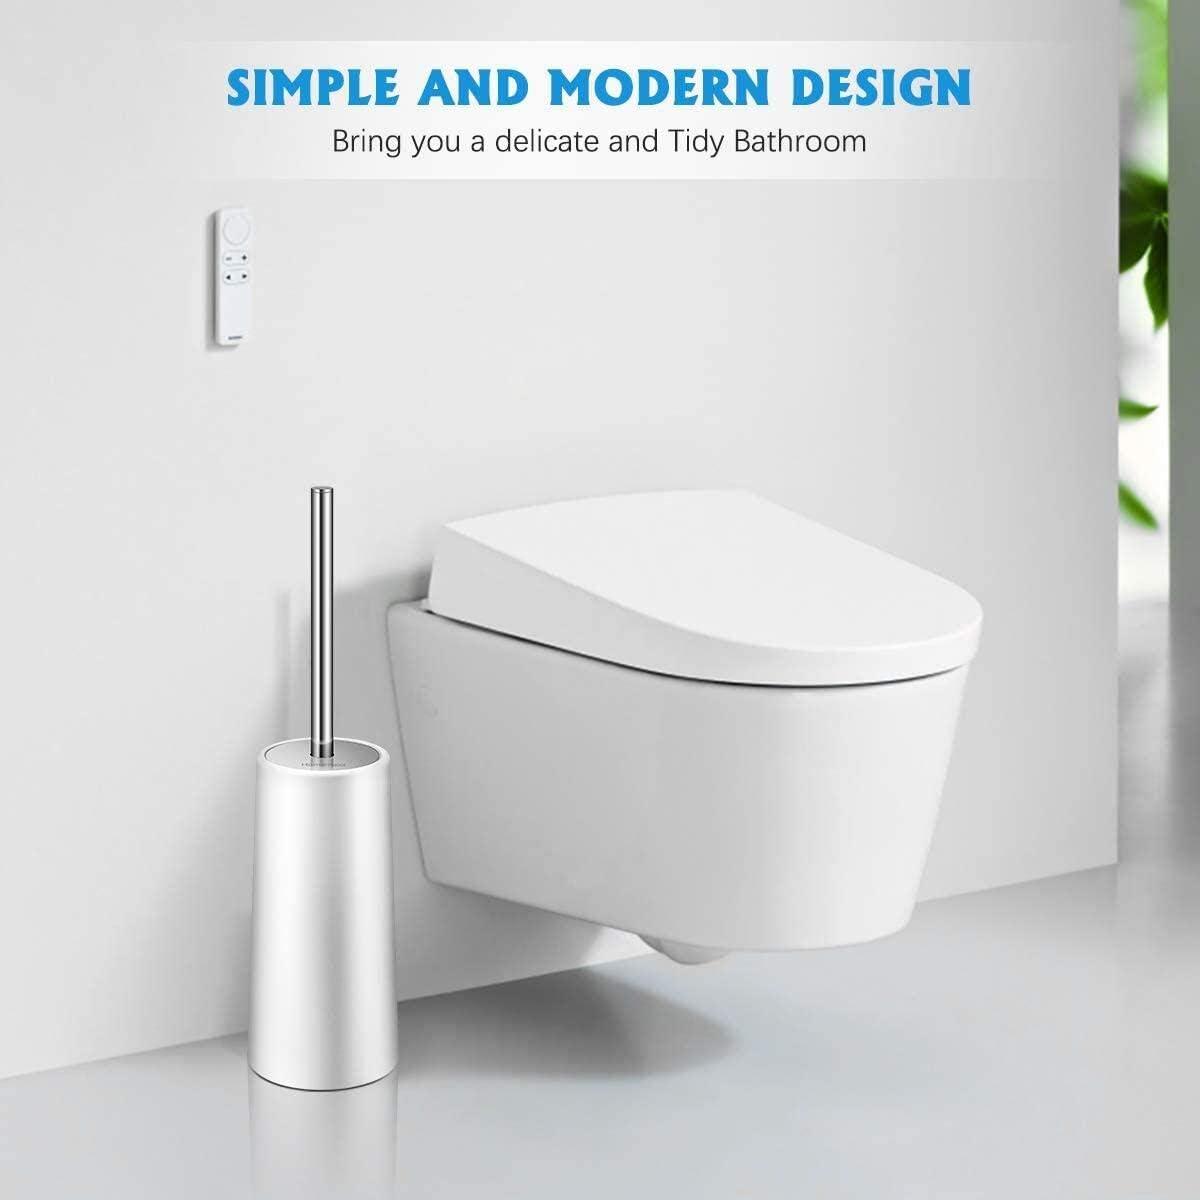 Toilet Brush and Holder, White Toilet Brush Deep Cleaning Toilet Bowl Brush for Bathroom Toilet 3 Packs